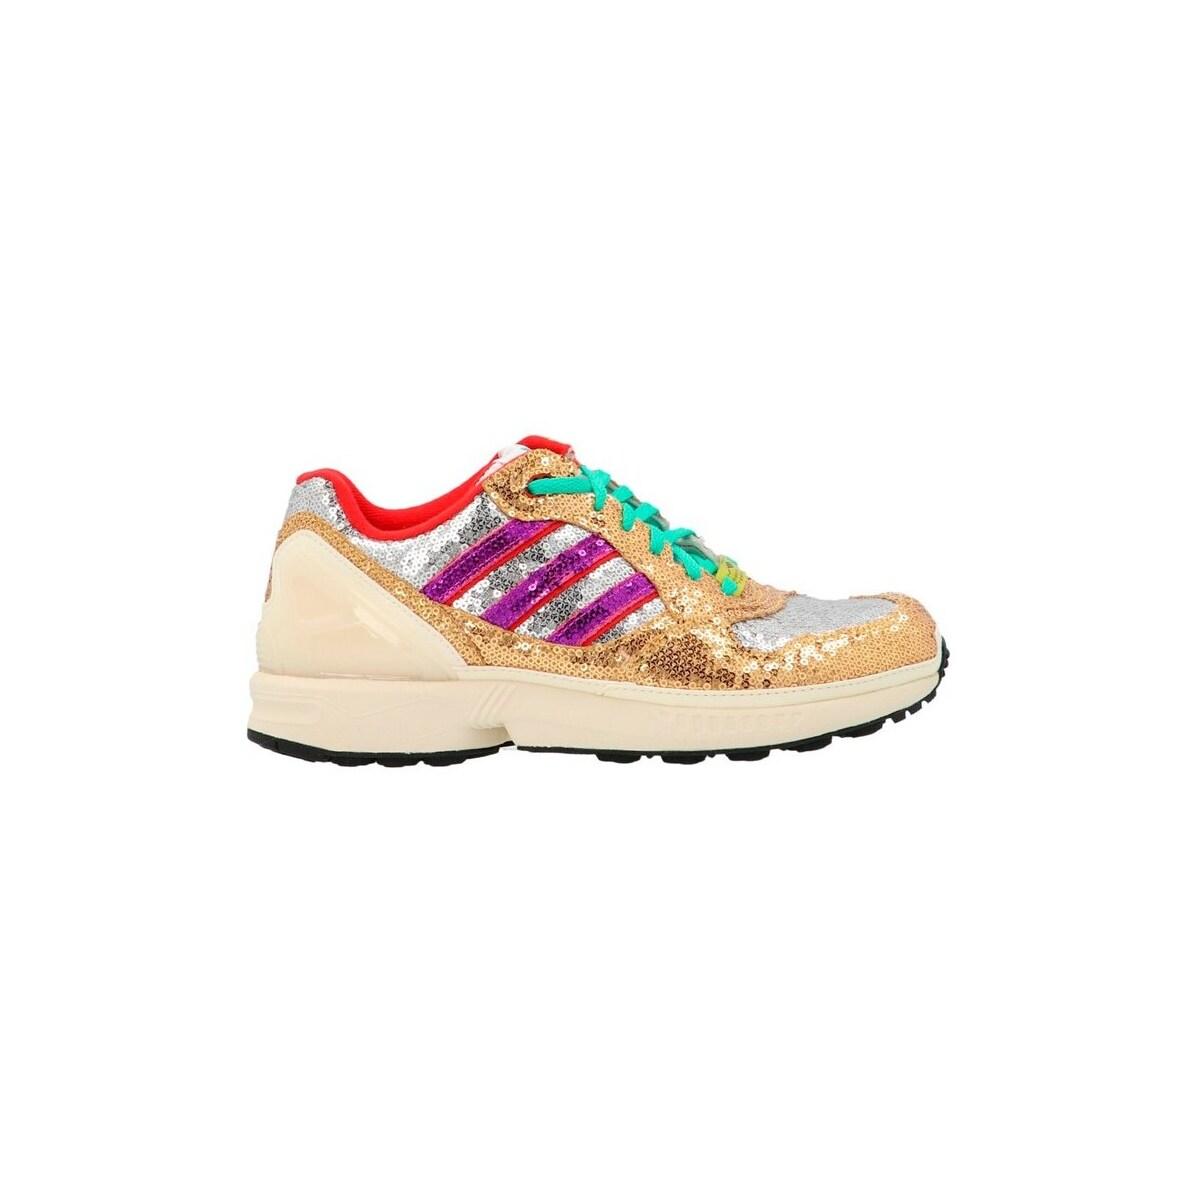 メンズ靴, スニーカー ADIDAS ORIGINALS Multicolor ZX 6000 W sneakers 2021 FY6863CRYSTALWHITESHOCKPURPL E ju